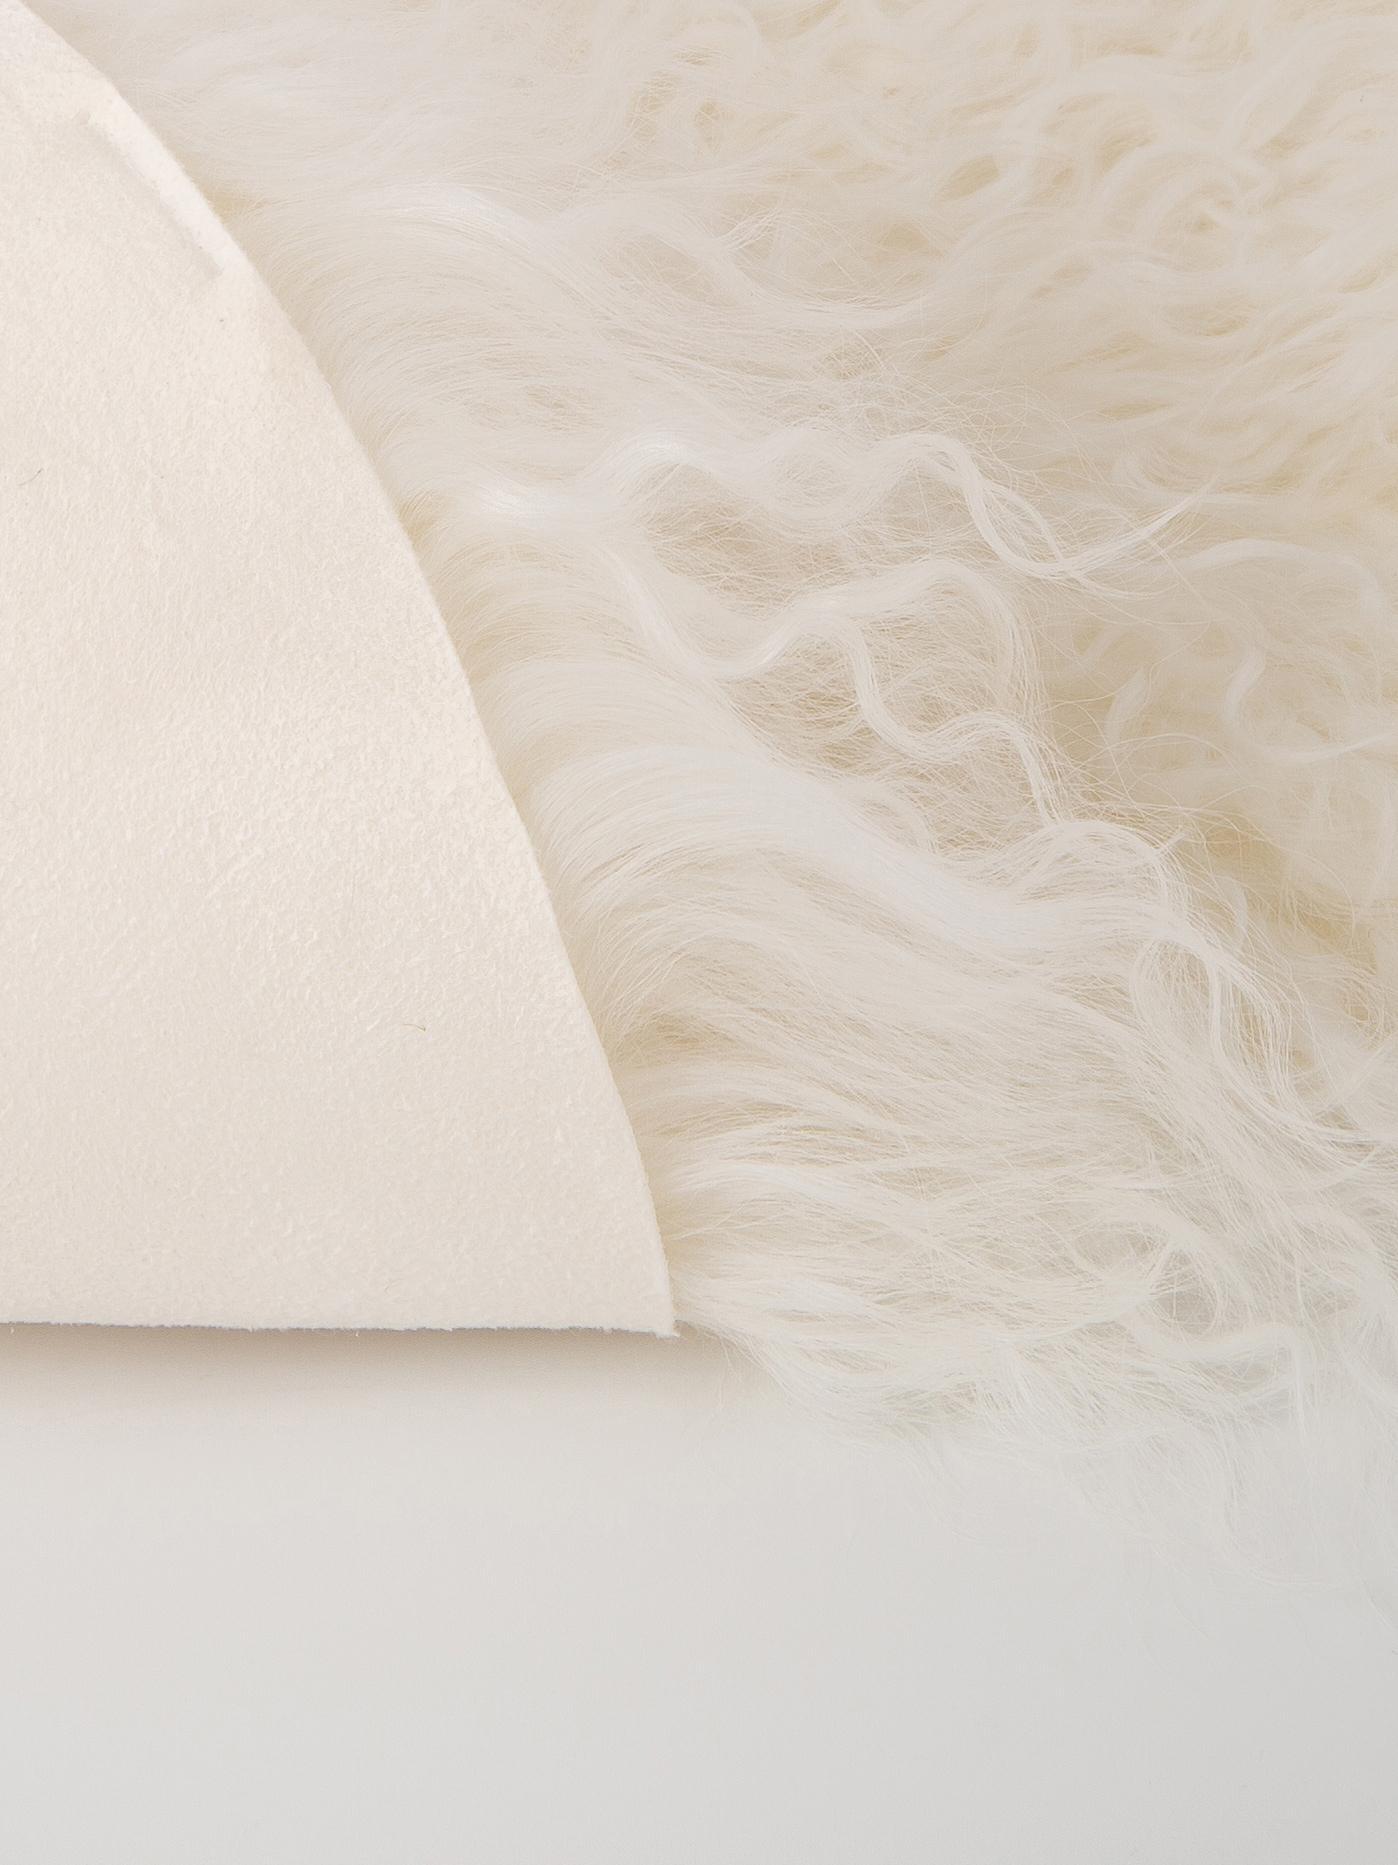 Pelliccia d'agnello a pelo lungo Ella, Retro: 100% pelle, Bianco, Larg. 50 x Lung. 80 cm